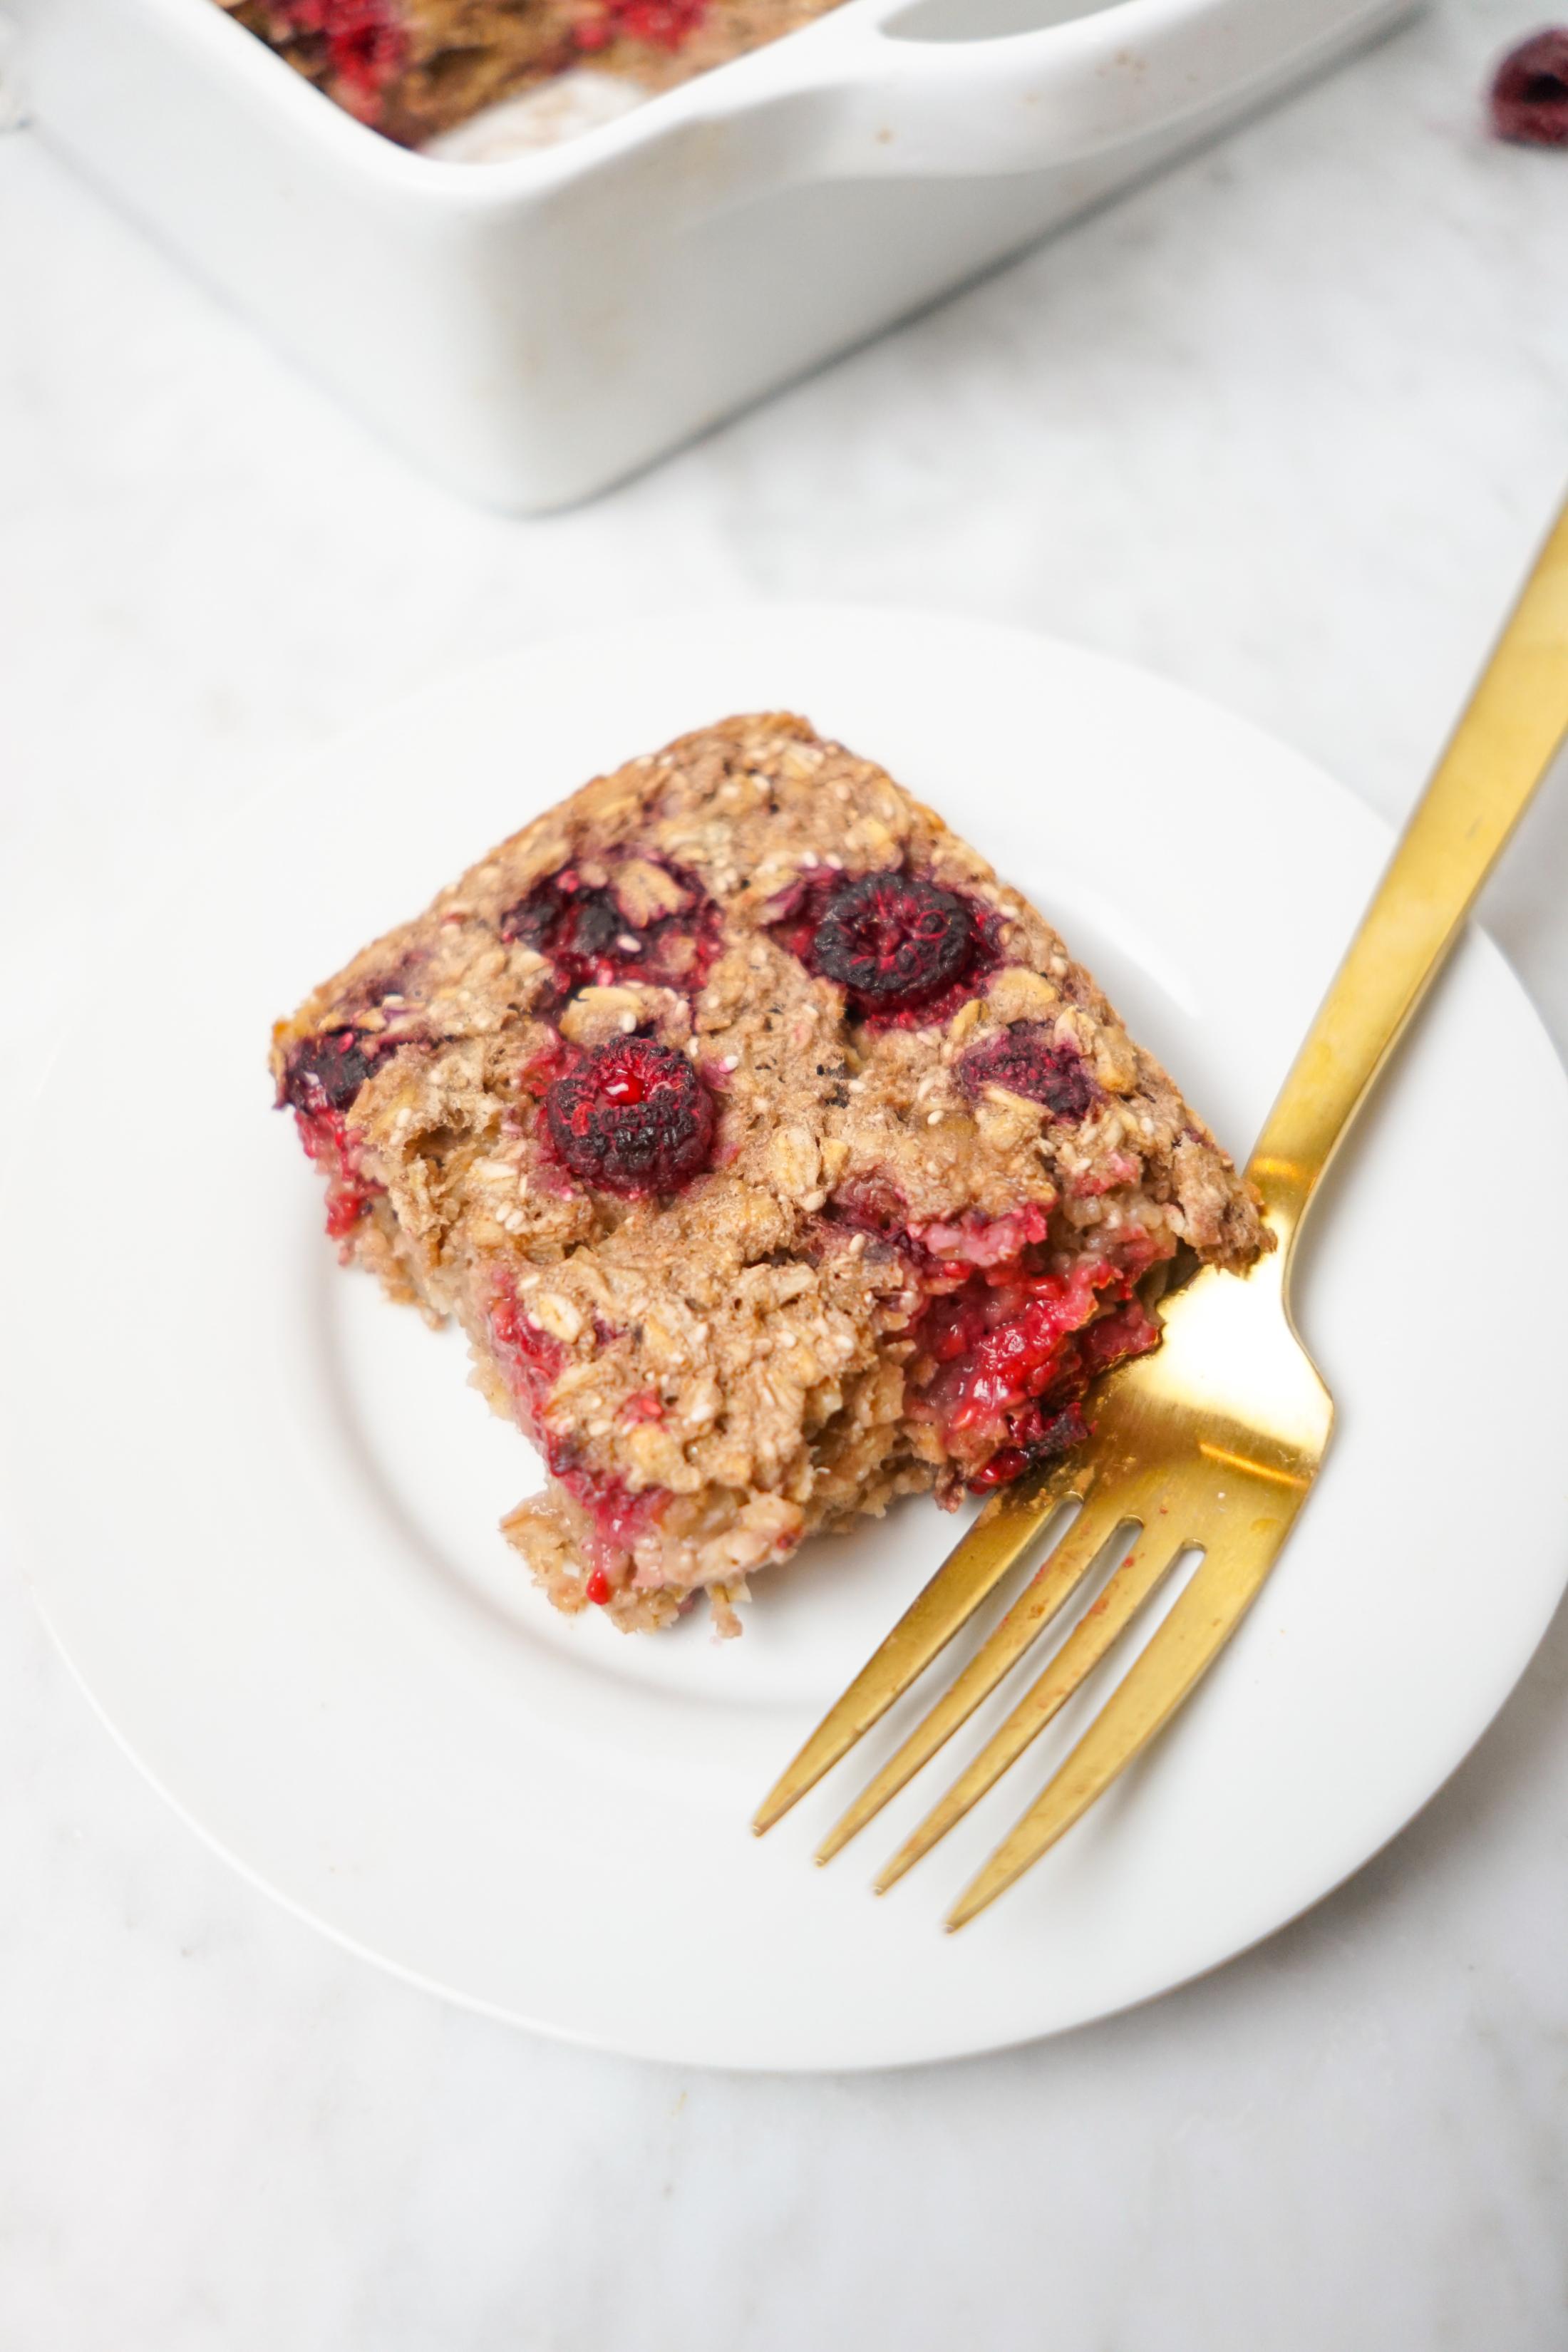 Raspberry Oatmeal Bake